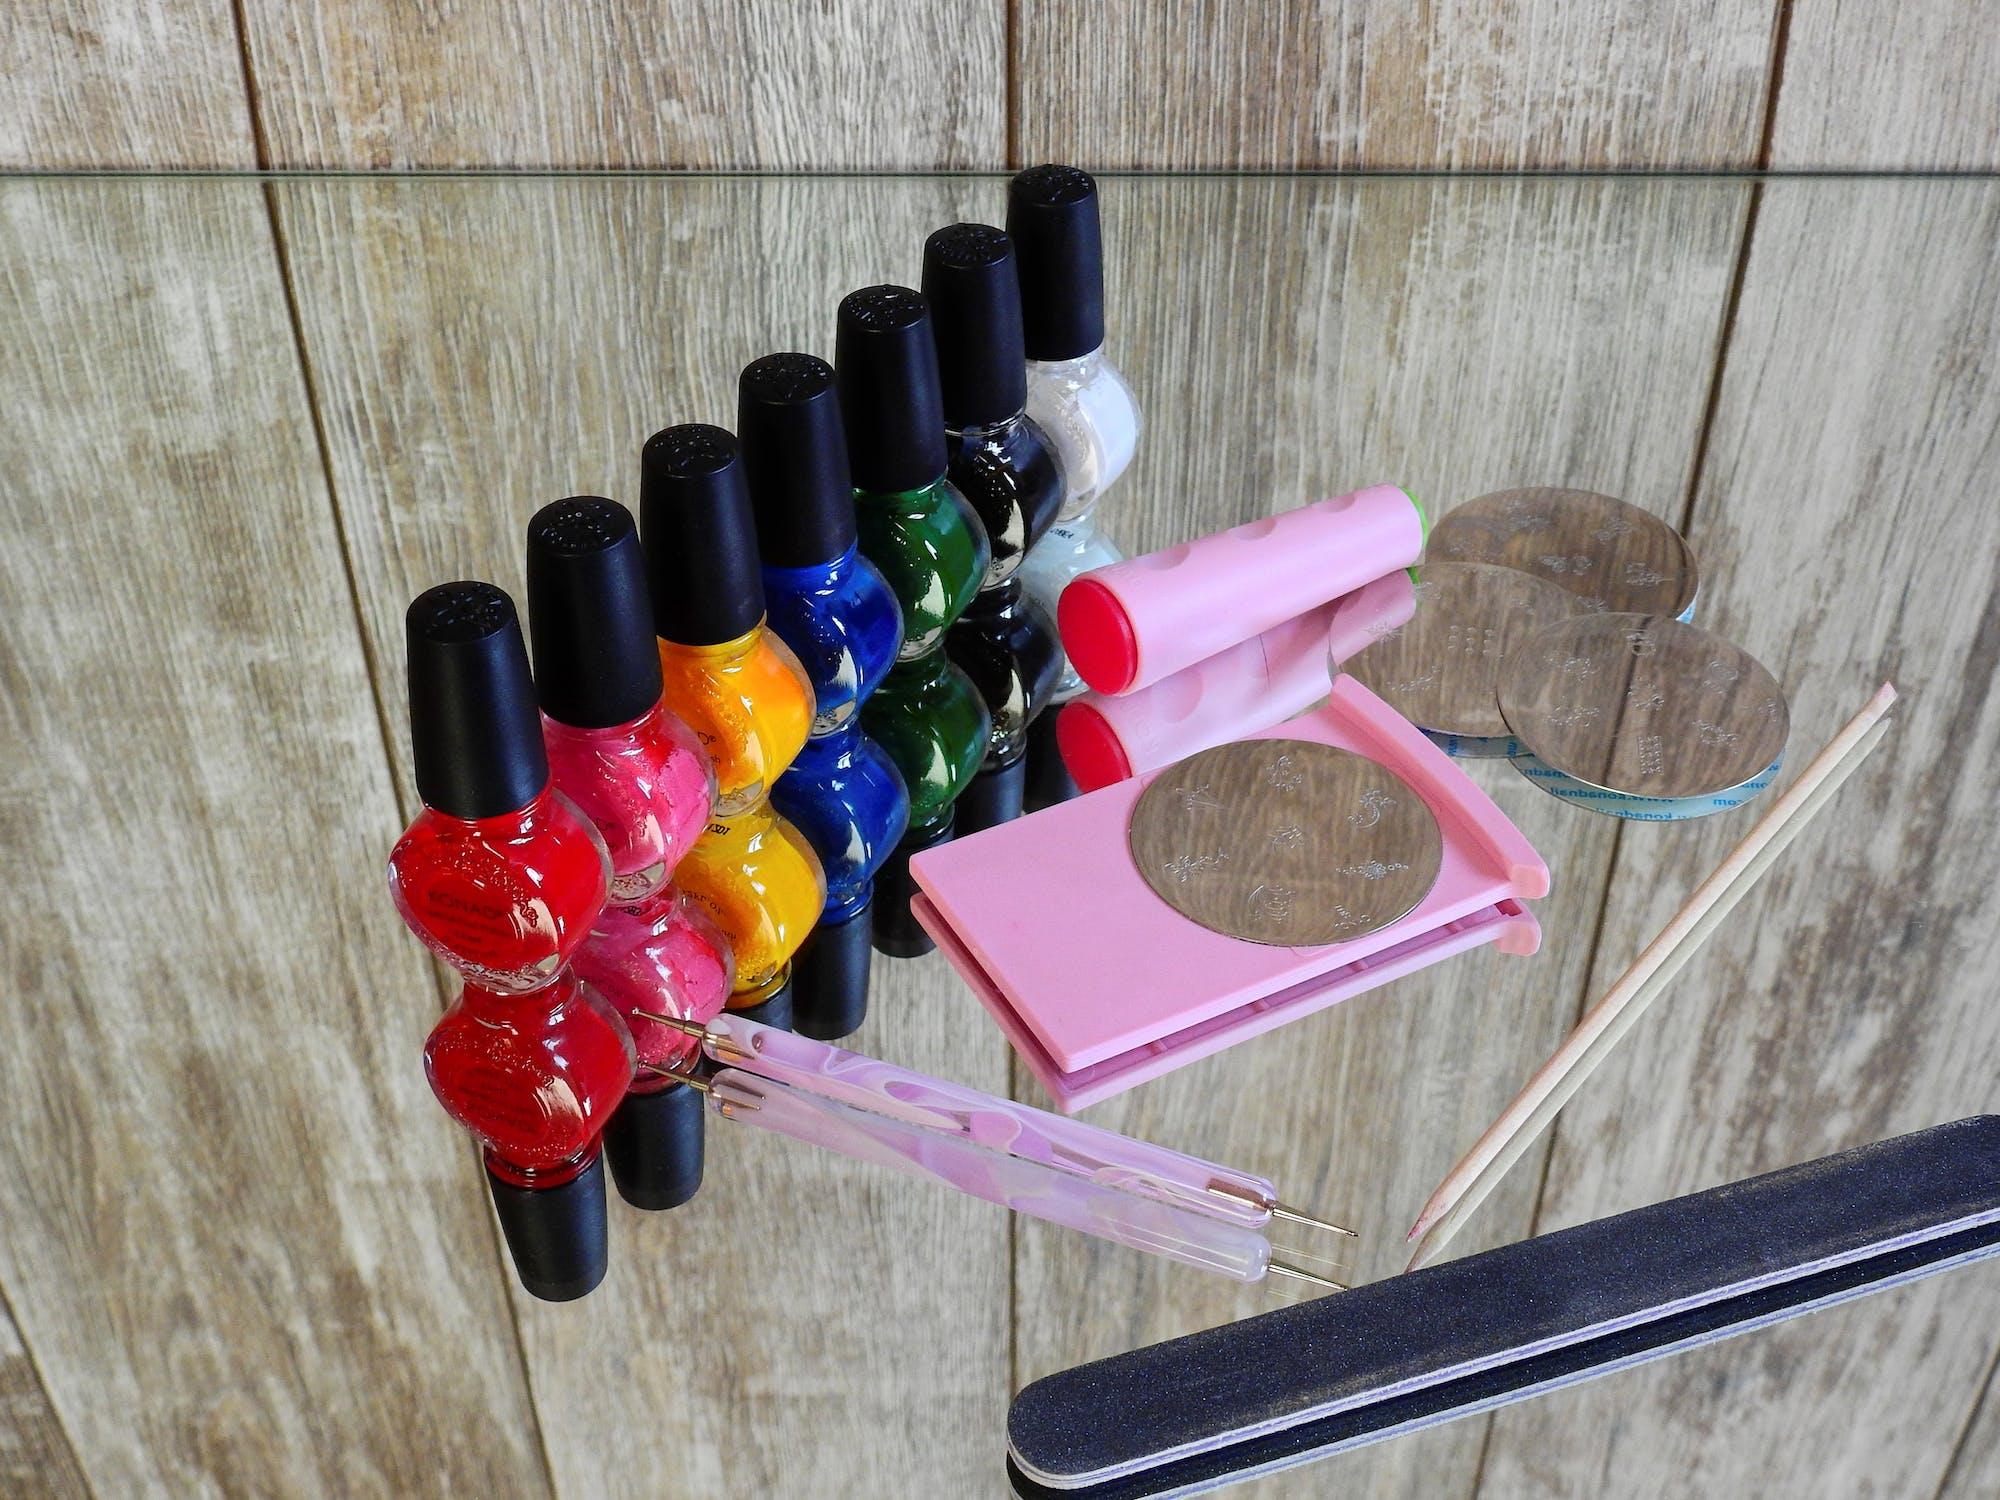 La méthodes du vernis à ongle pour effacer les rayures légères sur la peinture de votre voiture